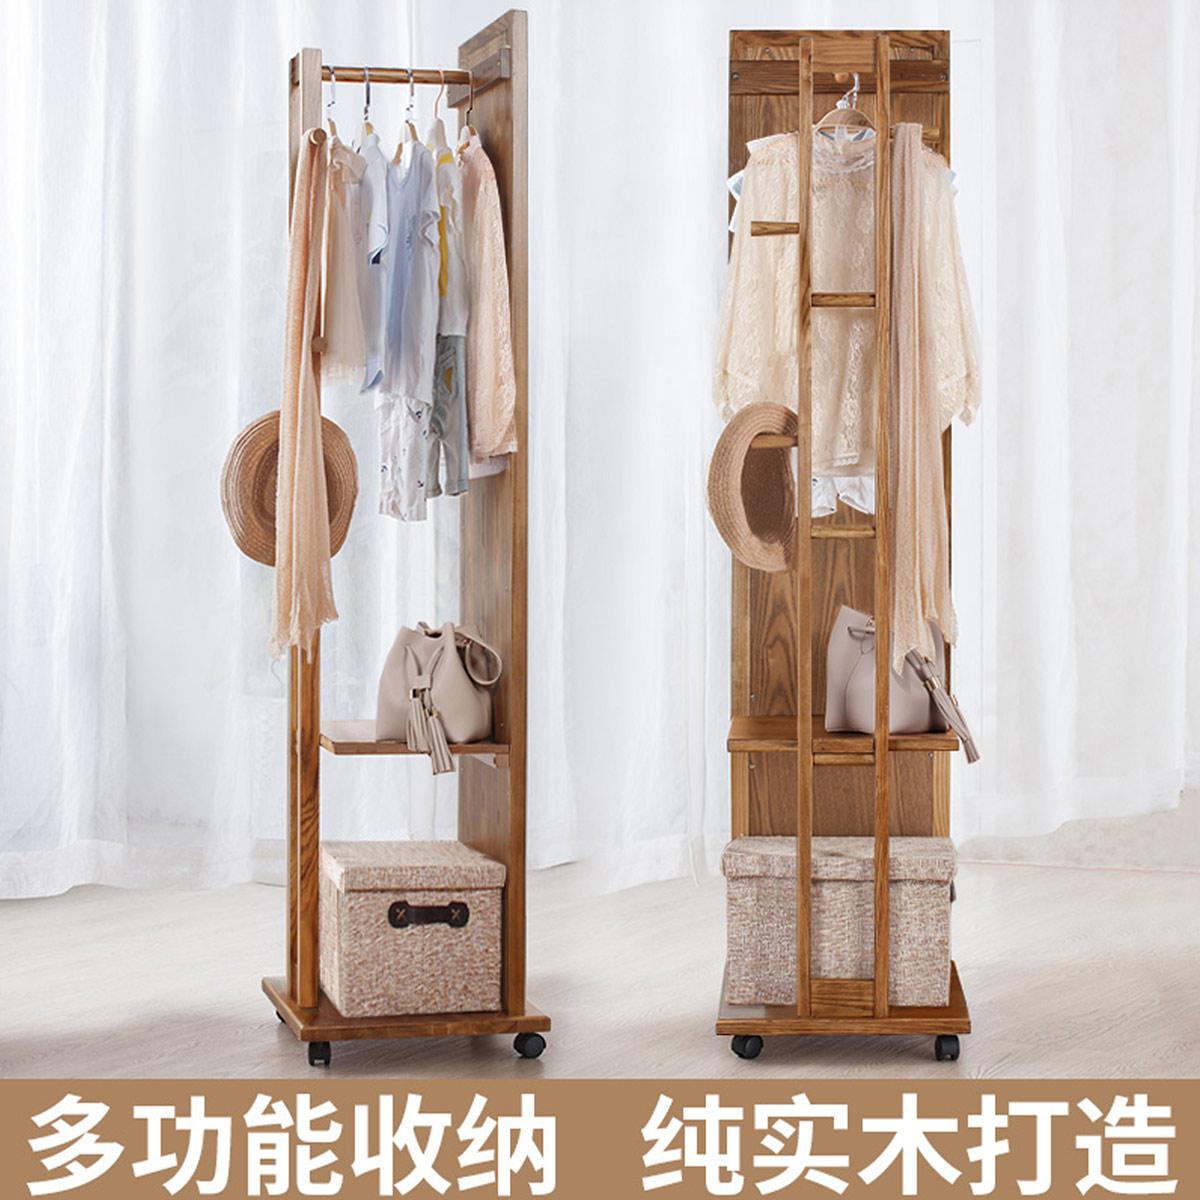 鑫富士穿衣镜全身落地镜子实木穿衣镜旋转试衣镜多功能推拉换衣镜